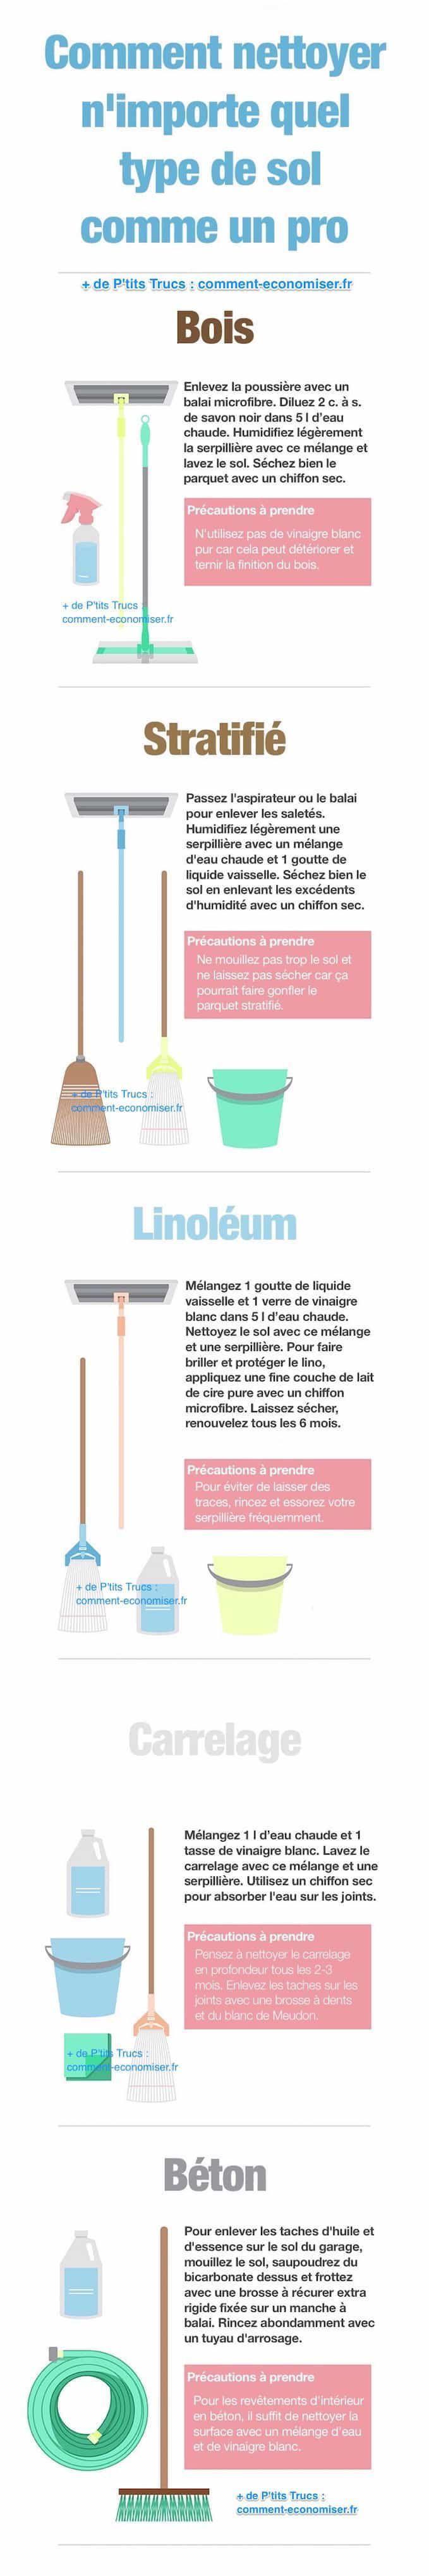 Voici le guide pour savoir comment nettoyer n'importe quel type de sol.